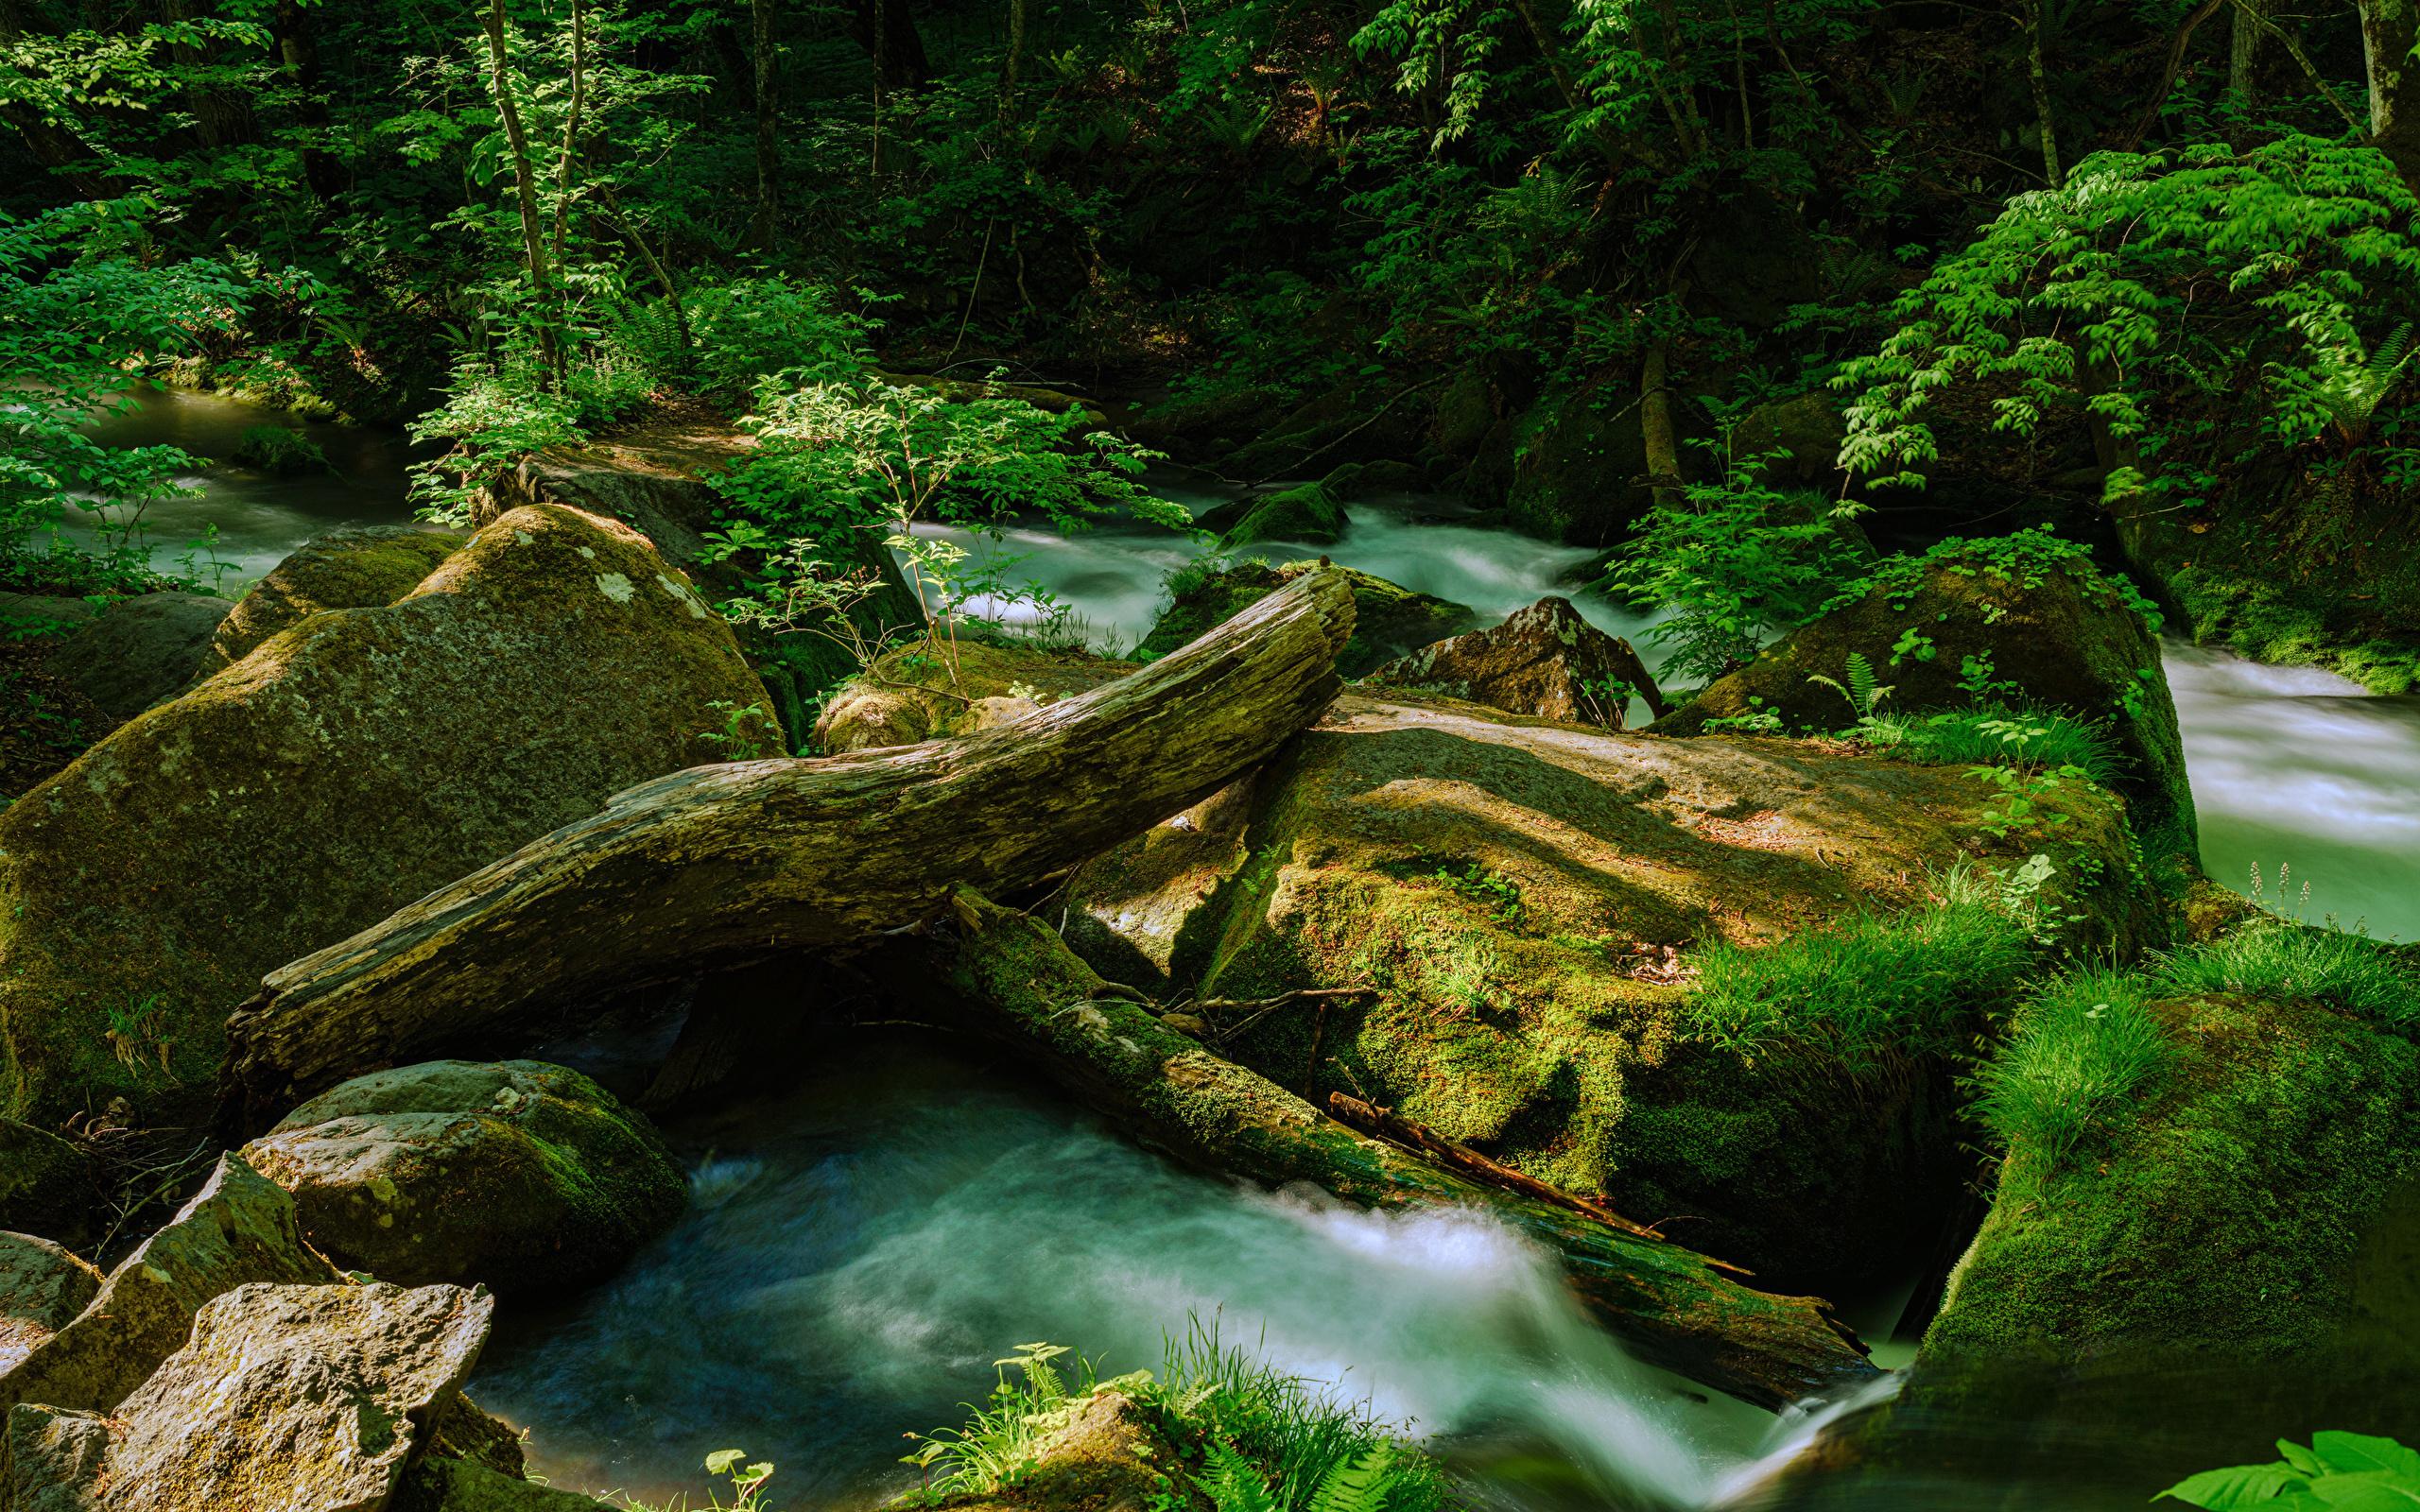 Япония, лес, водопад, камни, aomori prefecture, мох, бревна, природа